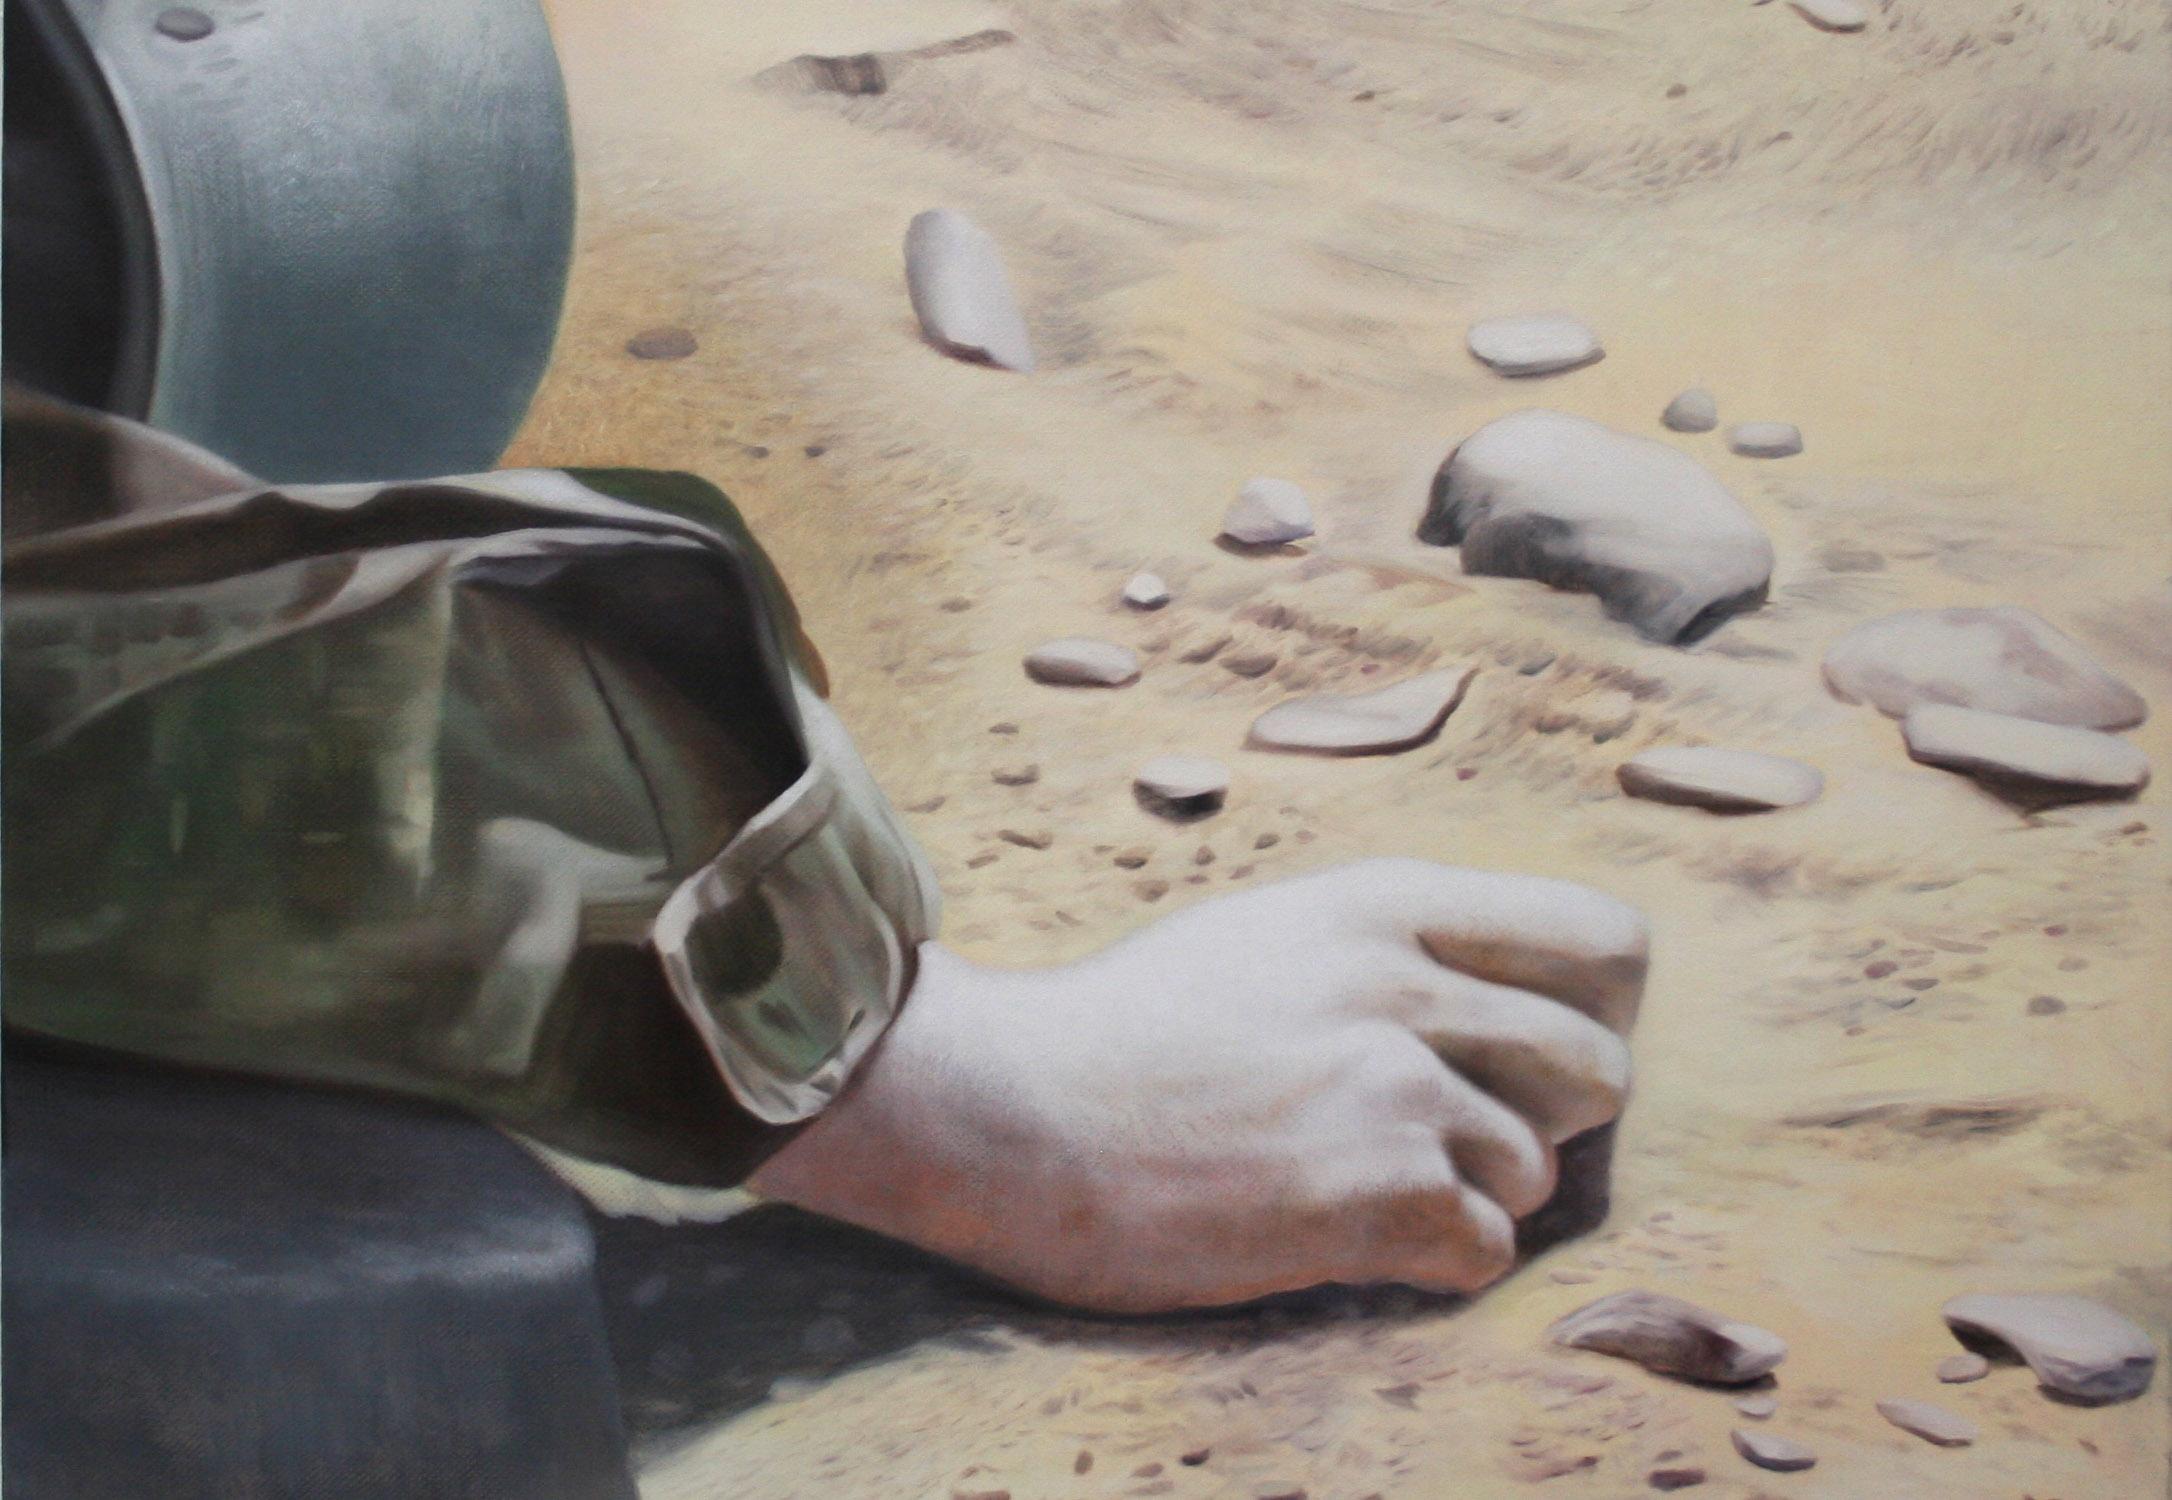 Afghan-Minesweeper-Viktor-Vitkowski-25-x-25-in-oil-on-linen-2018-2